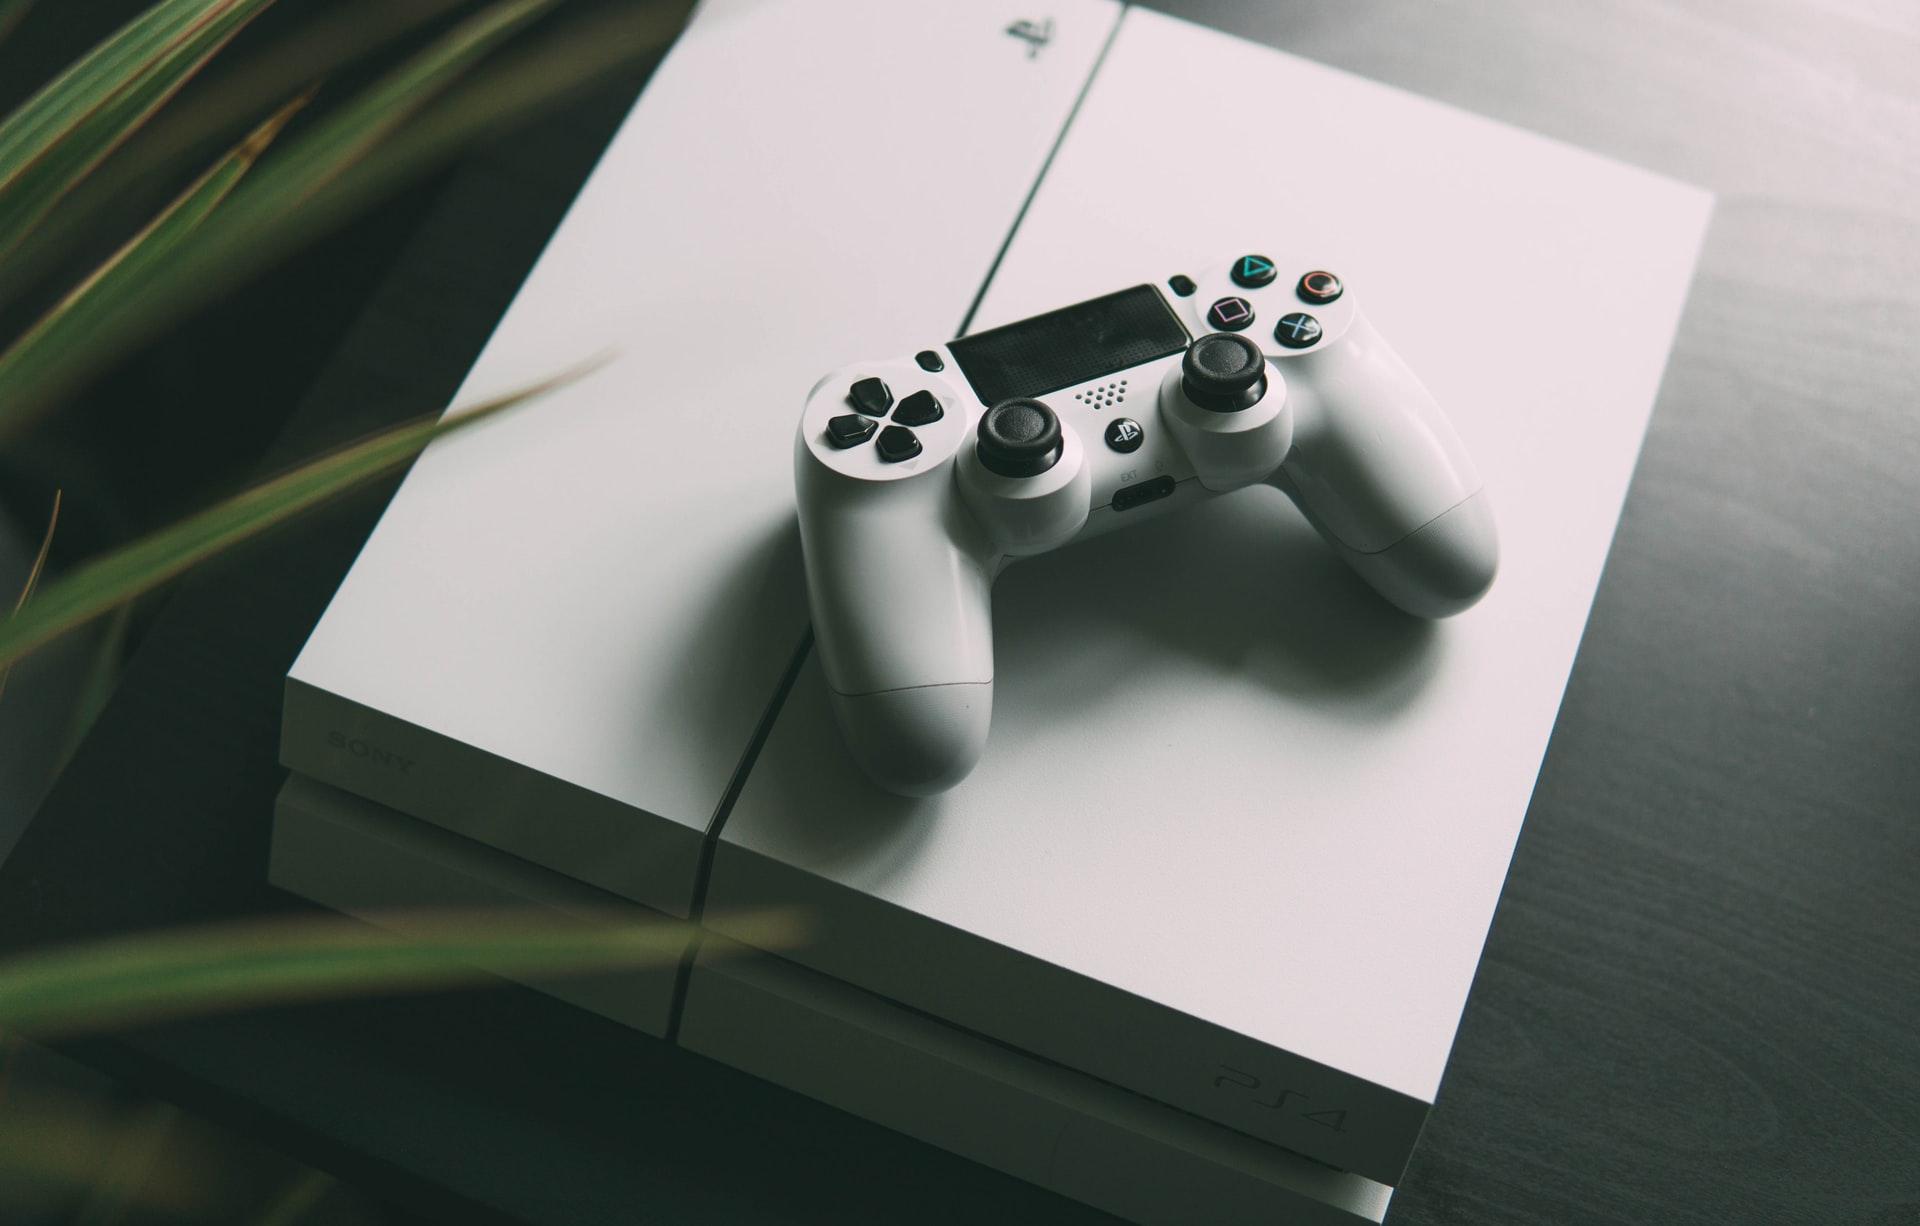 Une PlayStation 4 de couleur blanche